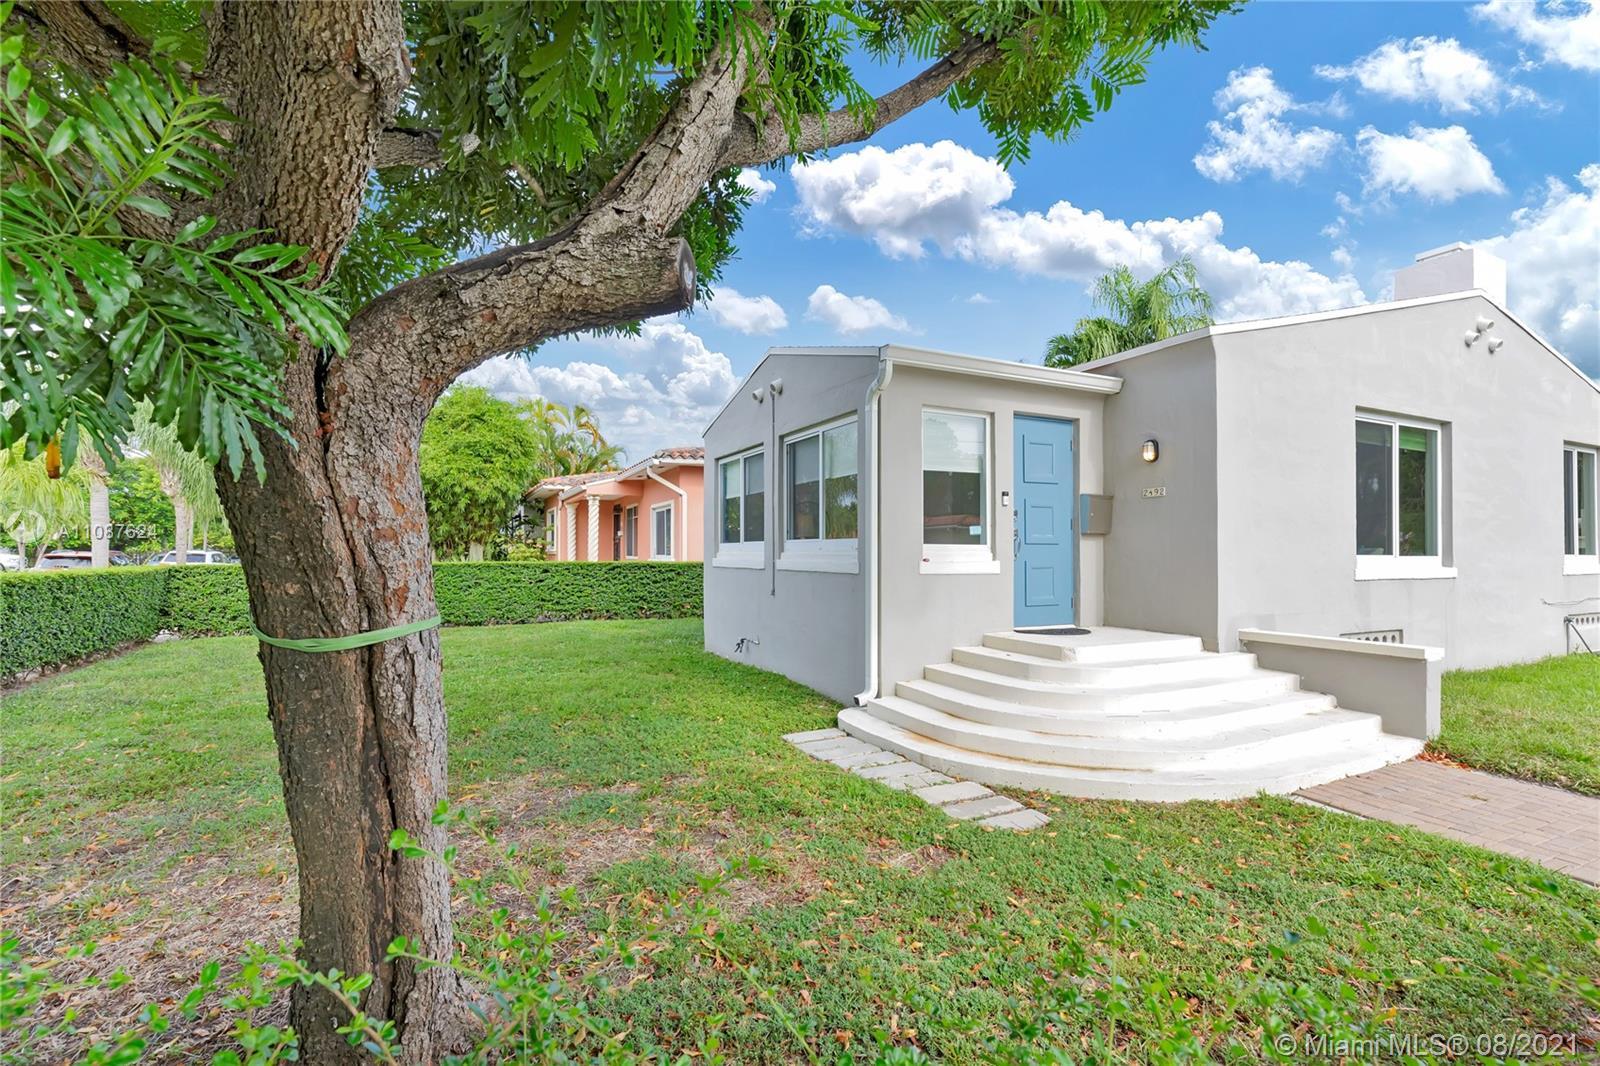 2492 23rd St, Miami, Florida 33145